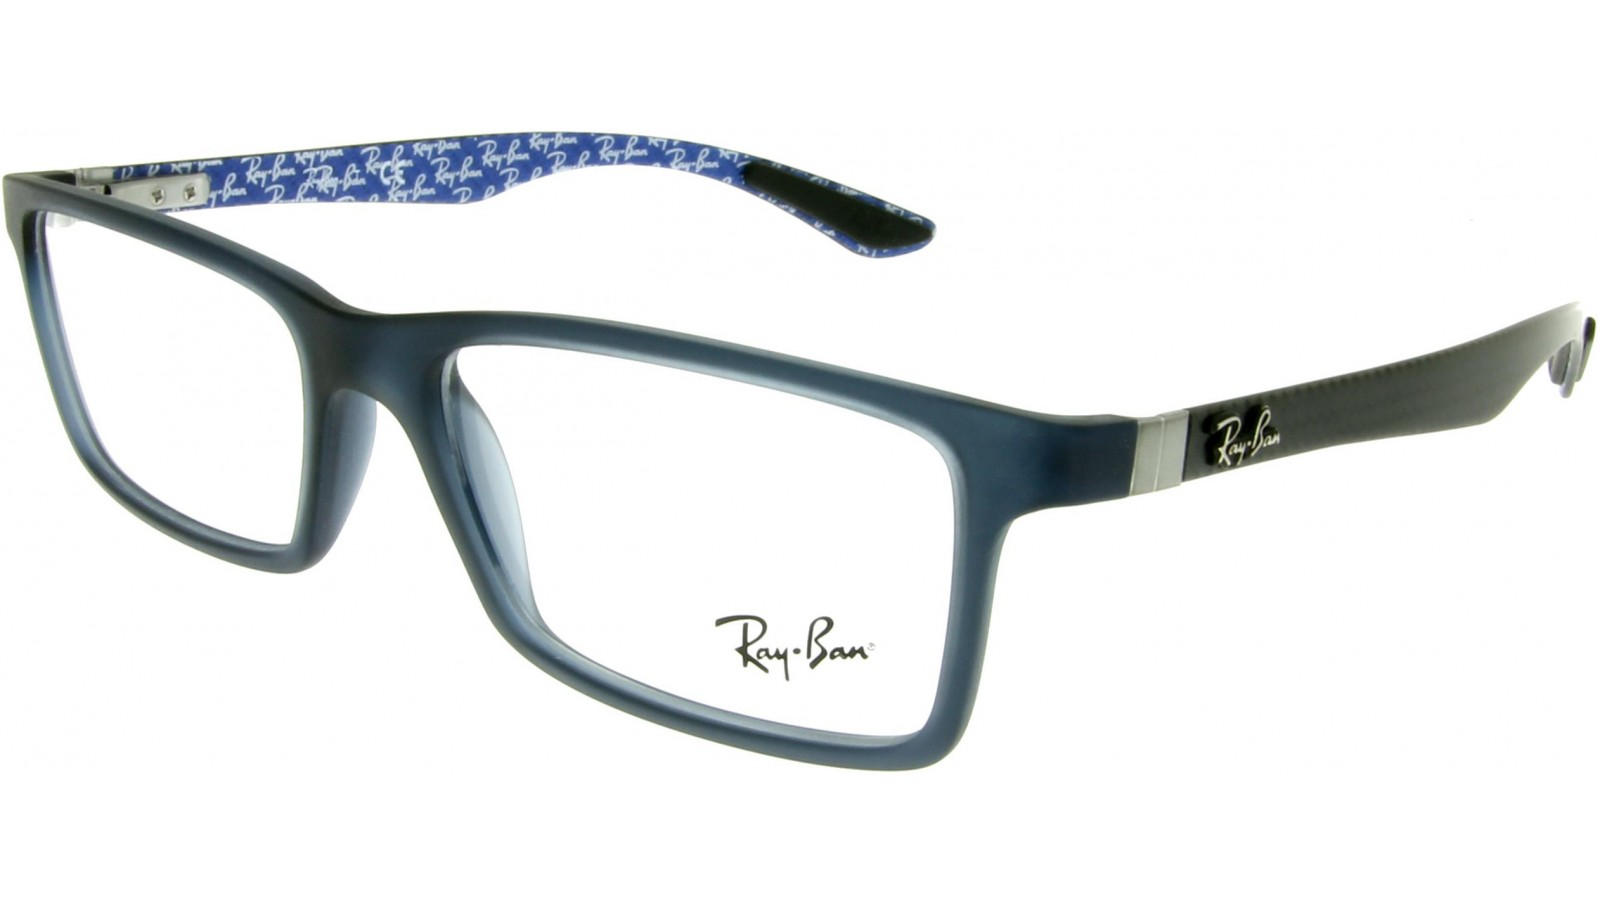 RAY BAN RAYBAN Herren Brille » RX8901« blau 5262 blau qfizcDf ...